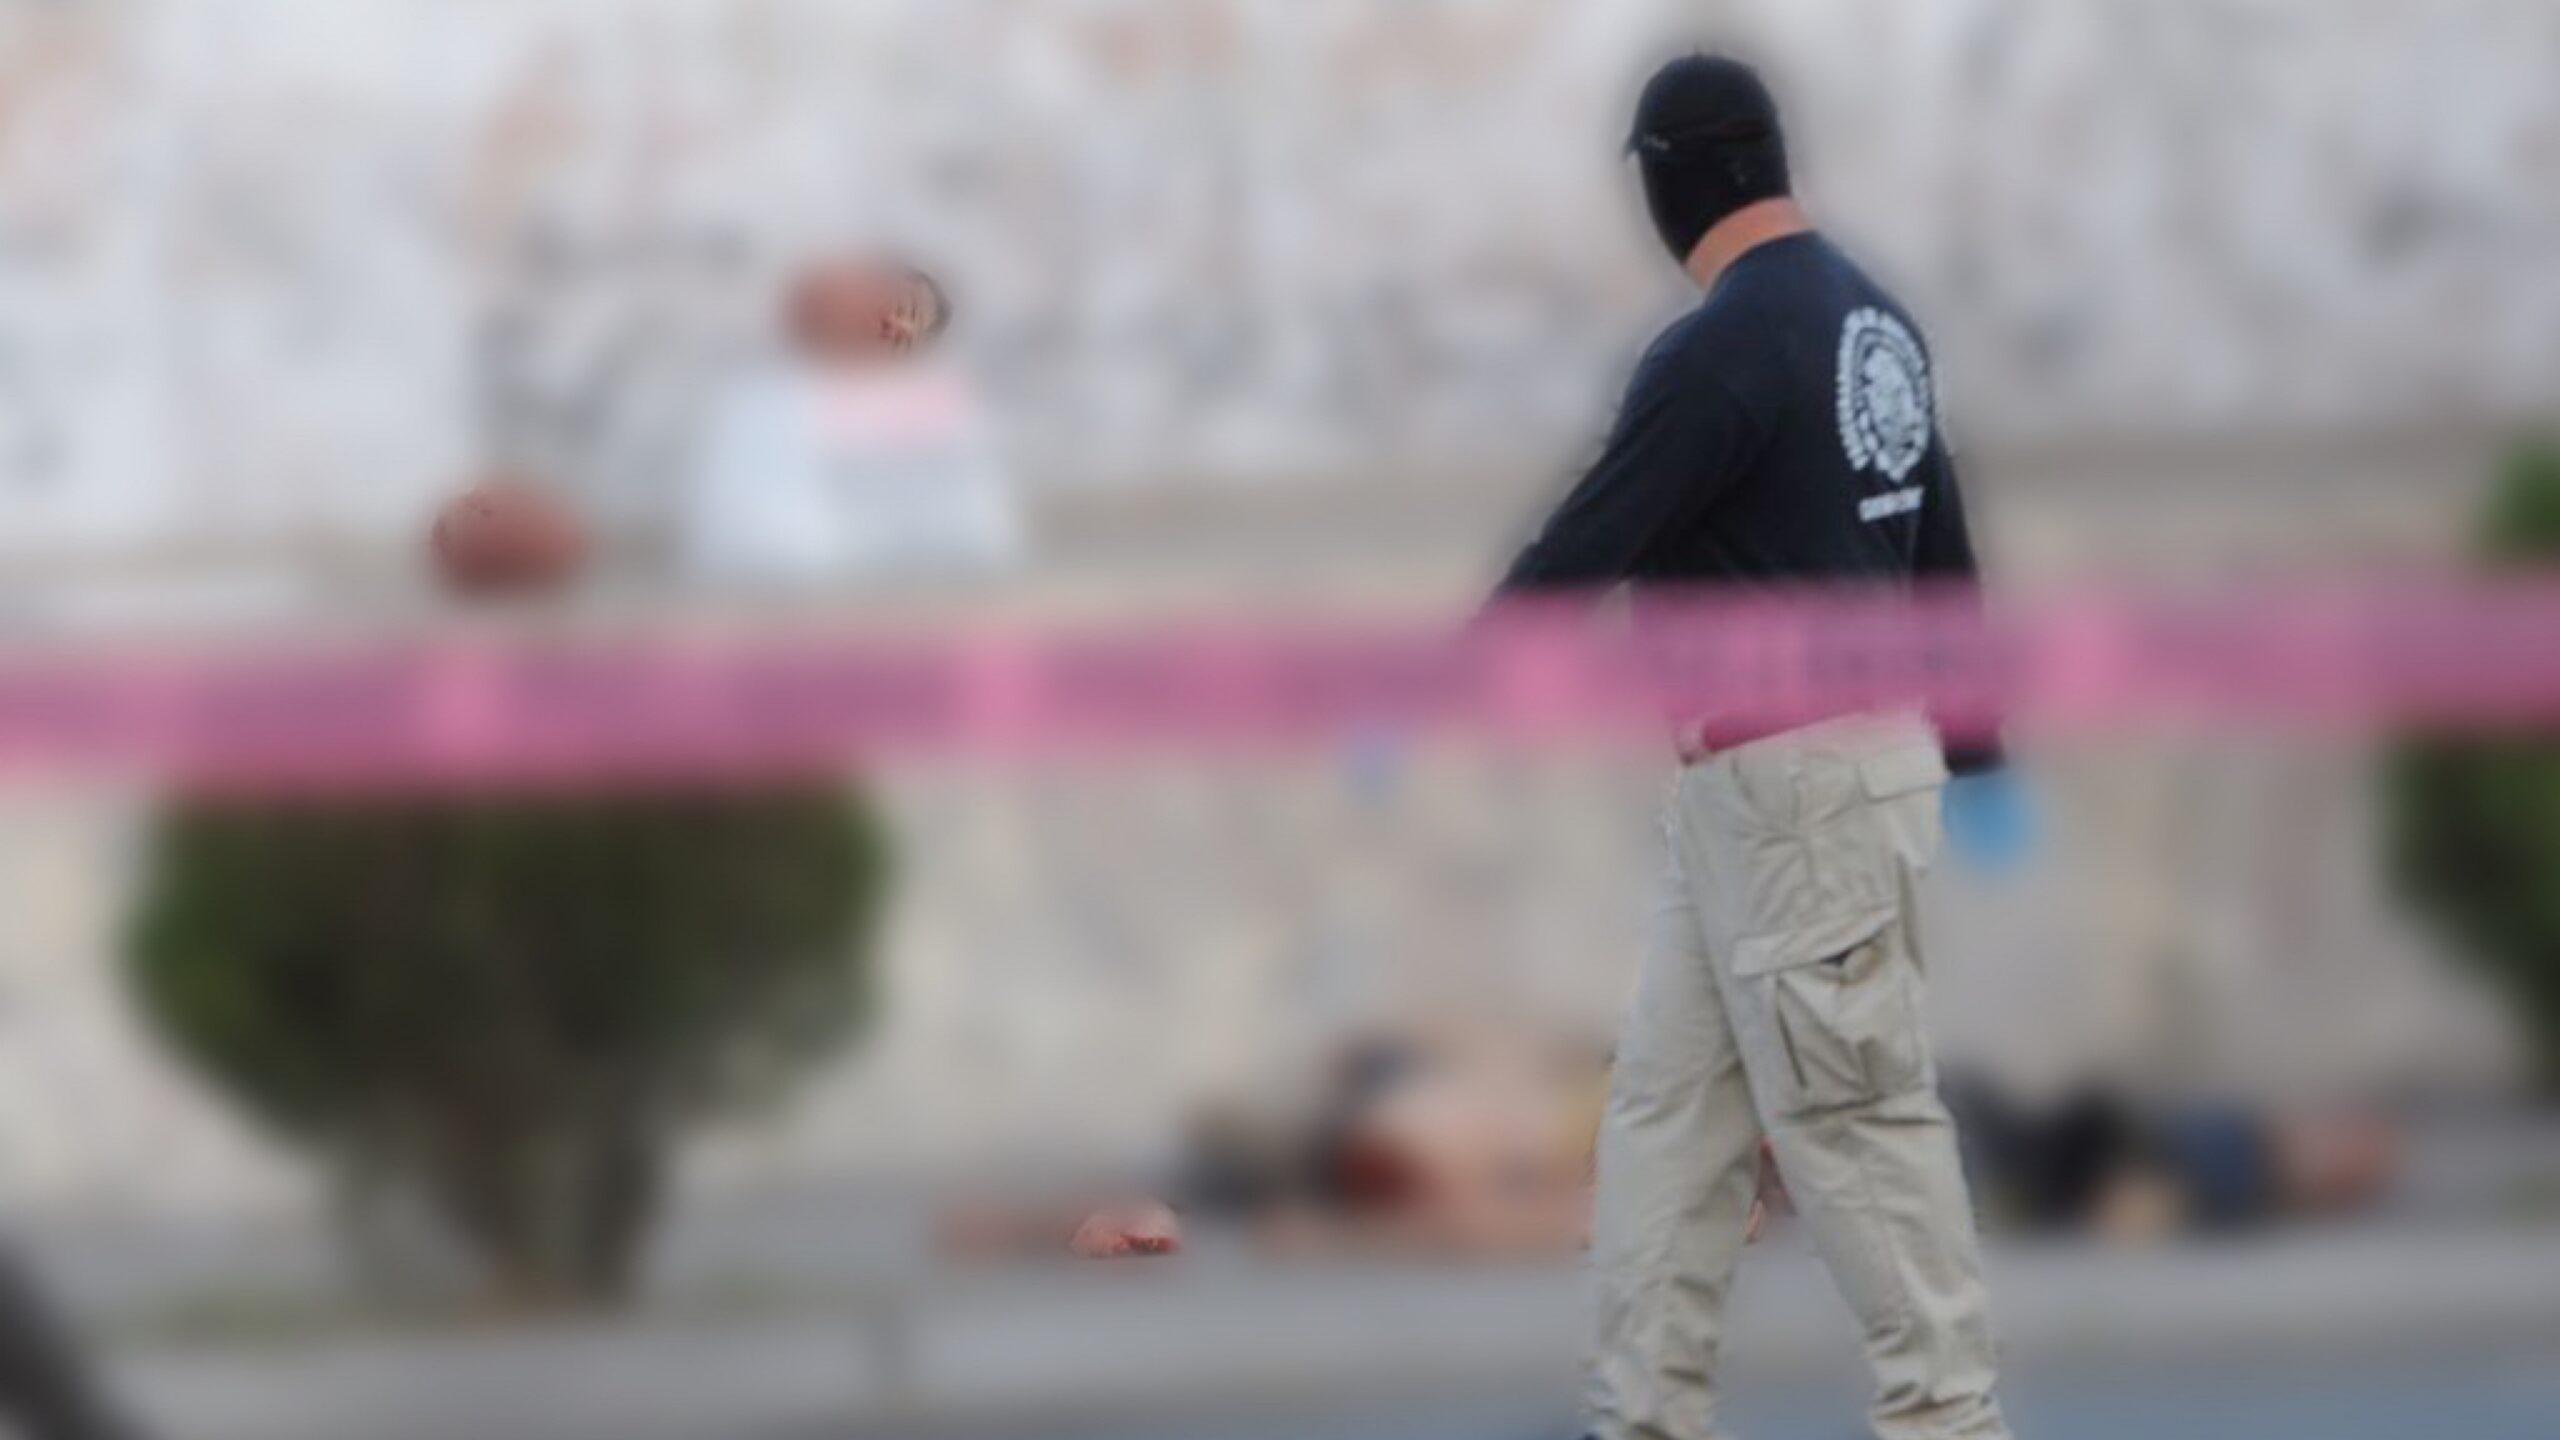 Abandonaron-cabezas-y-cuerpos-en-calles-de-Ciudad-Juarez-fot-Lucio-Soria